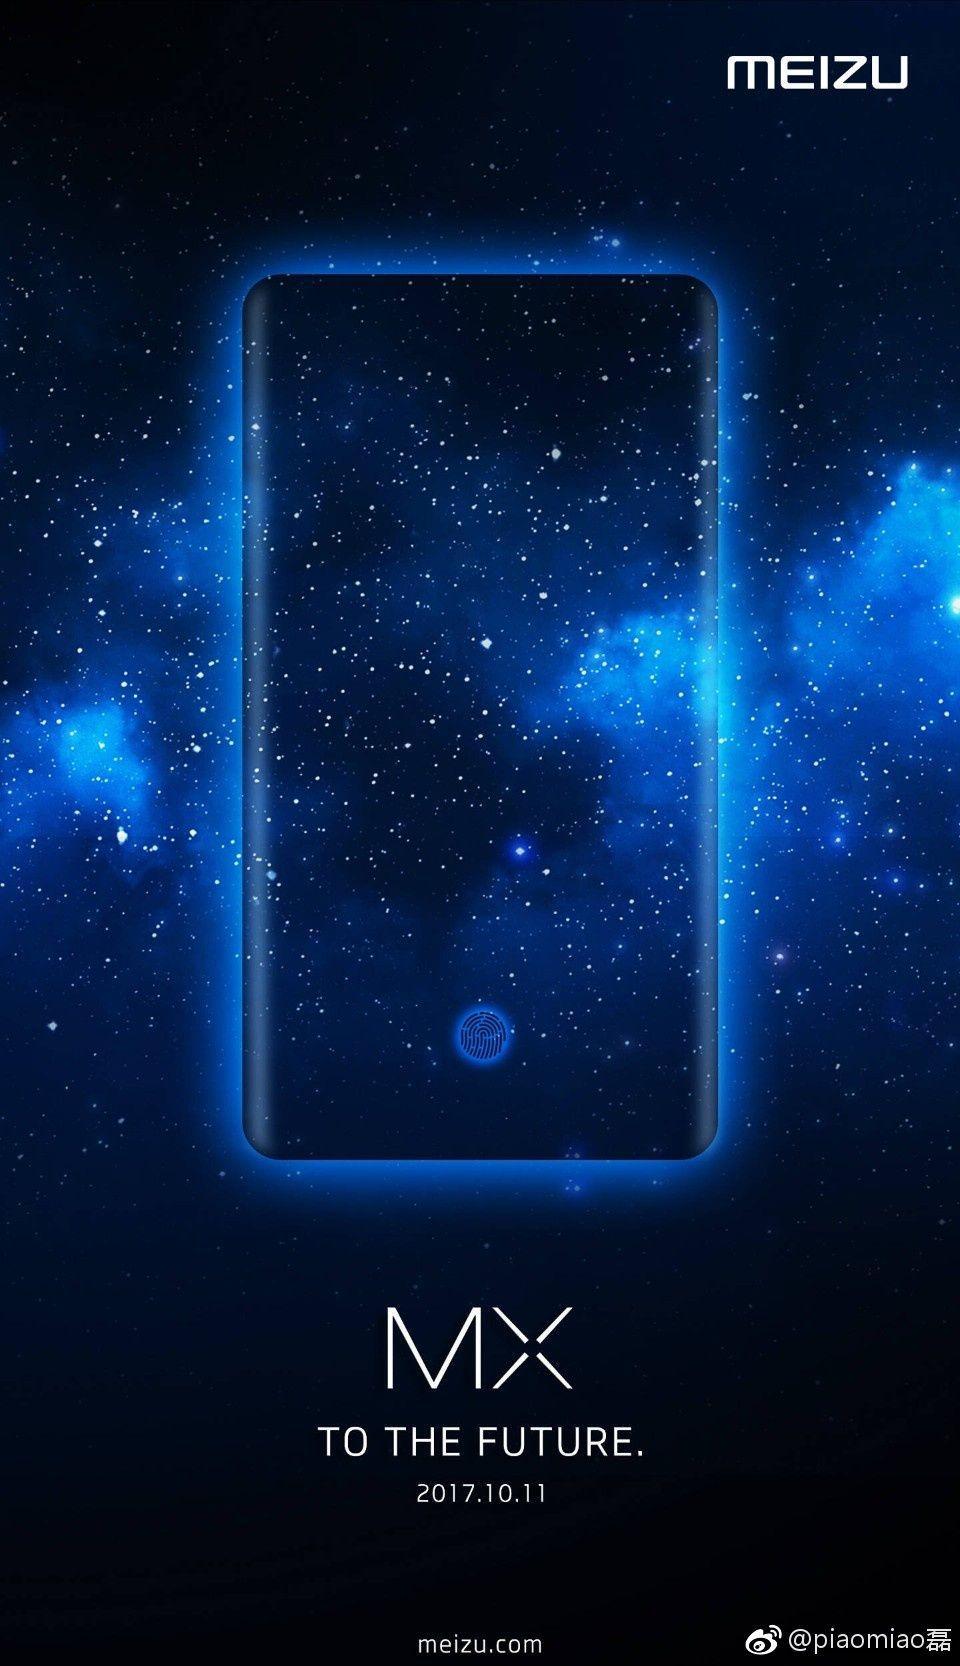 Stando ai rumor su Weibo, Meizu MX7 verrà presentato l'11 Ottobre